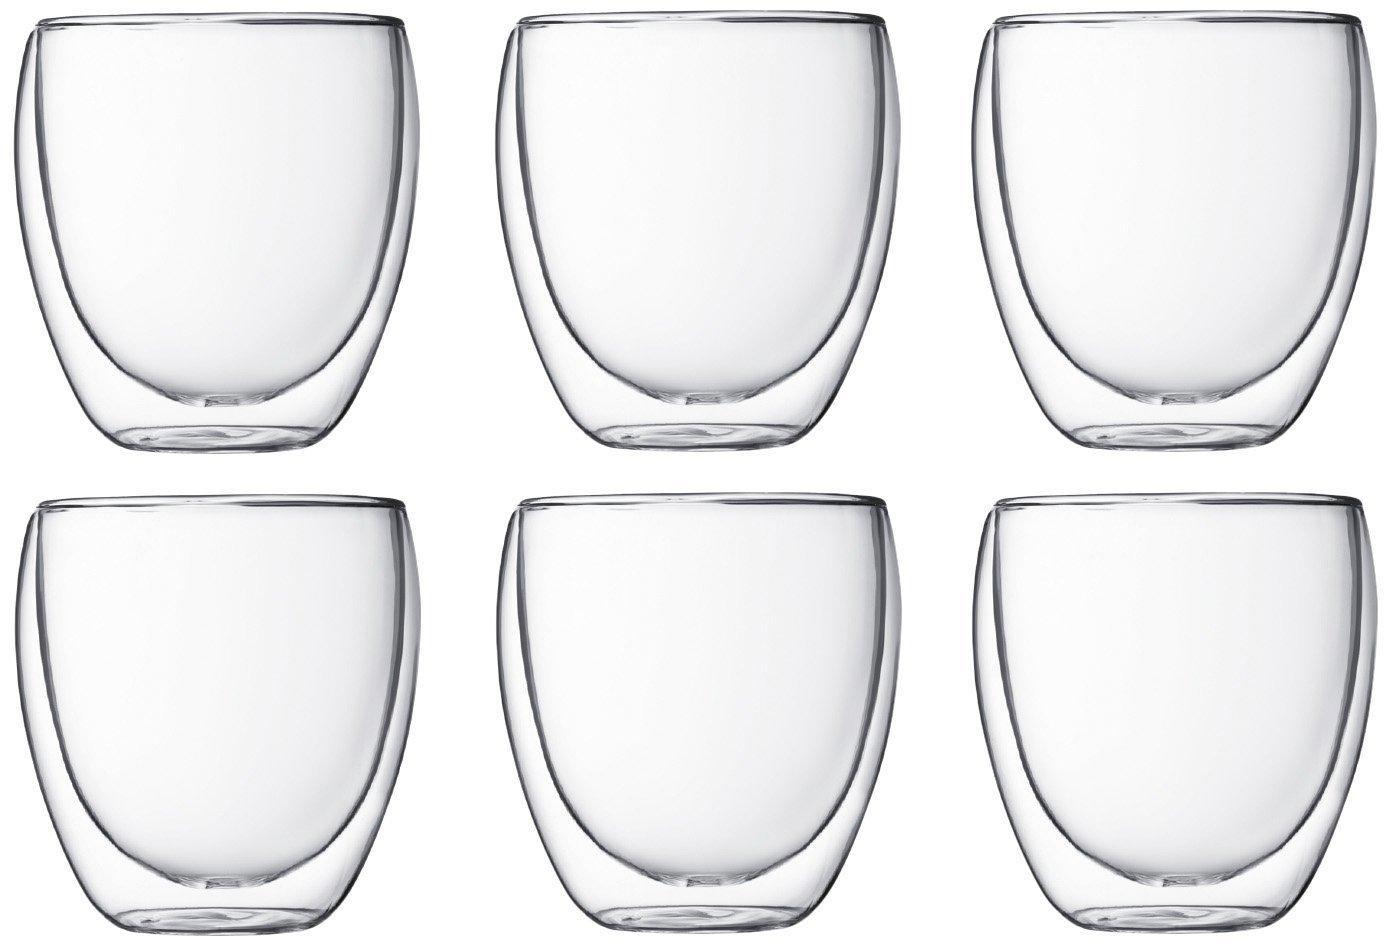 Coffrets de 6 verres Bodum Pavina - 35 cl à 34.99€, 8 cl à 22.99€, 25 cl